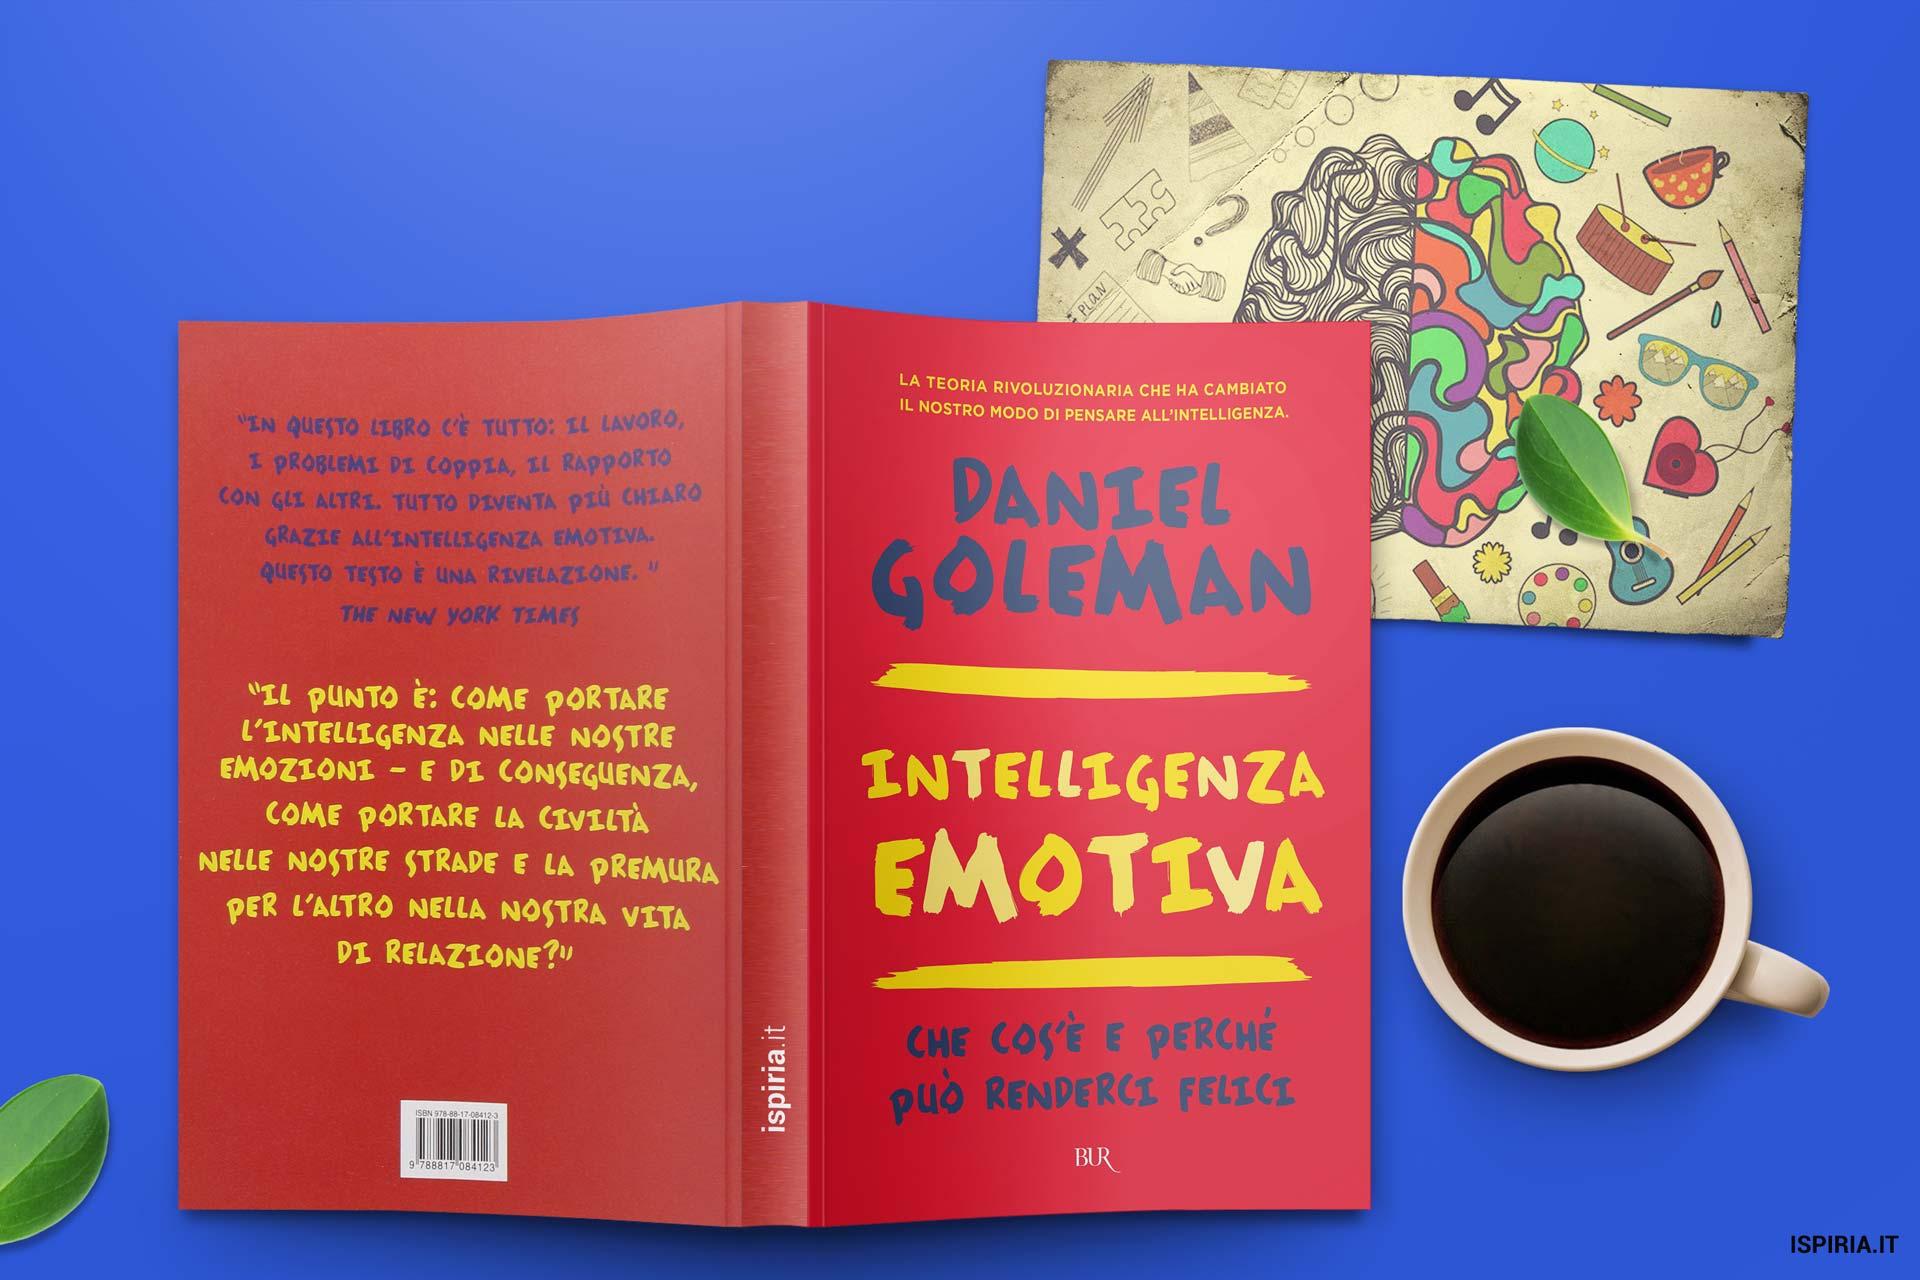 Miglior Libro Di Psicologia Umana Goleman